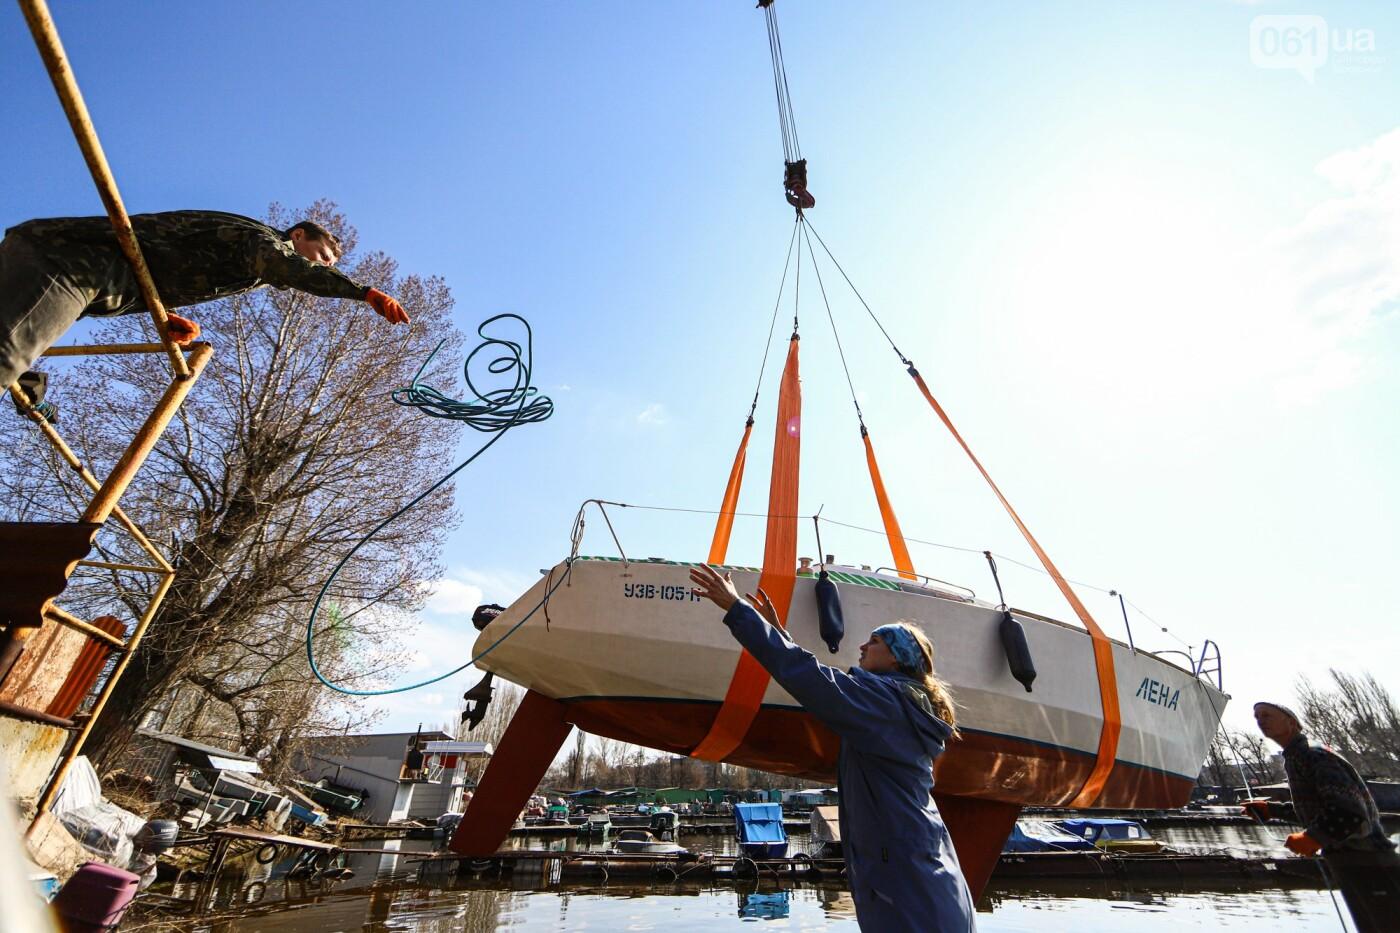 Монтаж первого пролета вантового моста, транспортный локдаун и репортаж из заброшенной шахты: апрель в фотографиях, фото-34